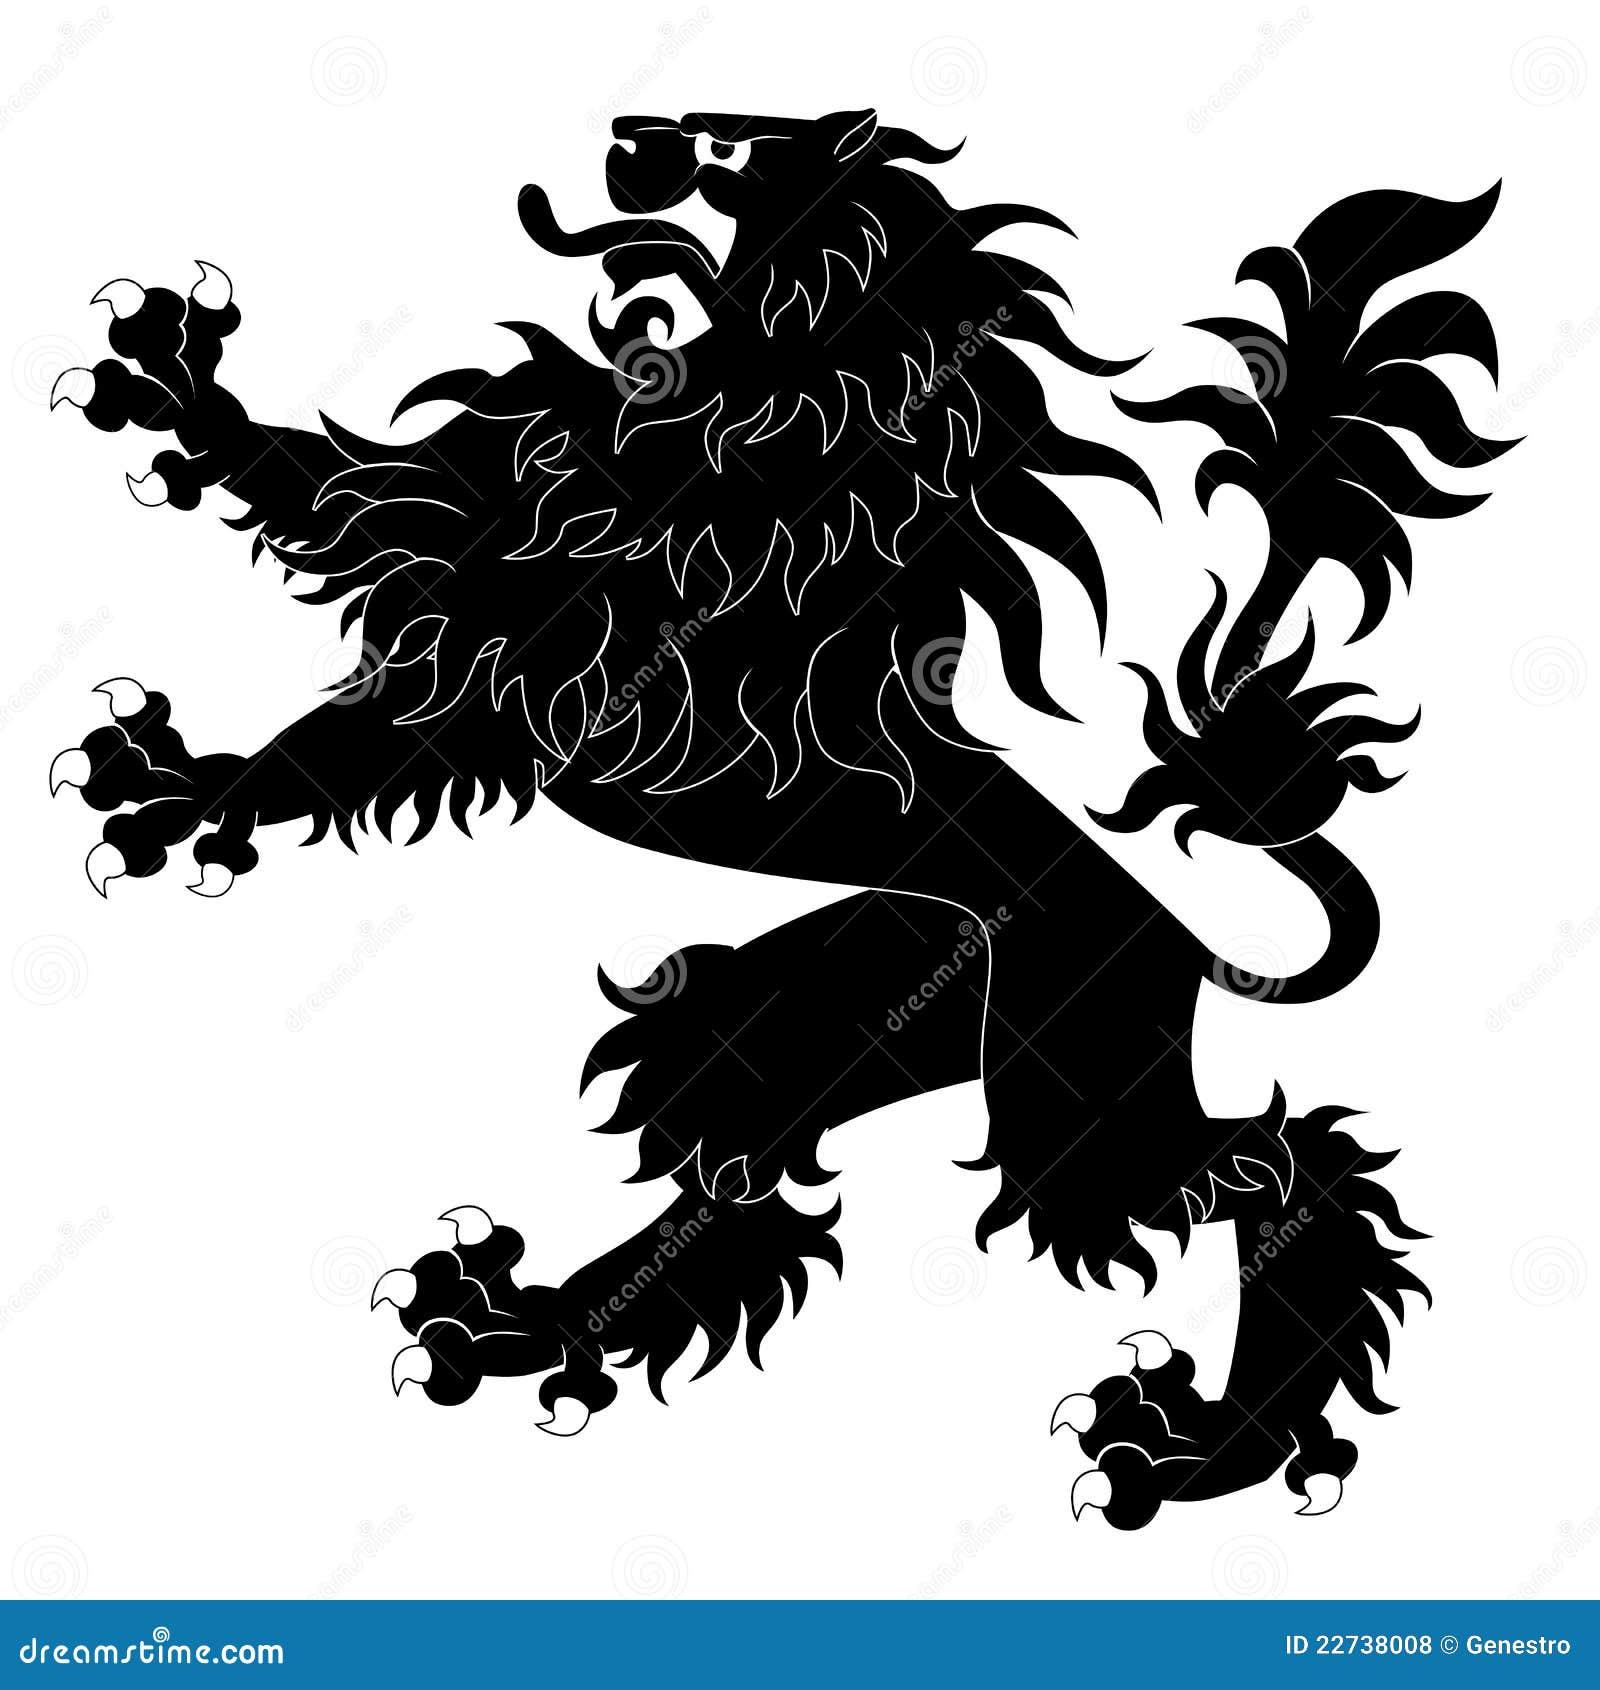 Leão heráldico preto